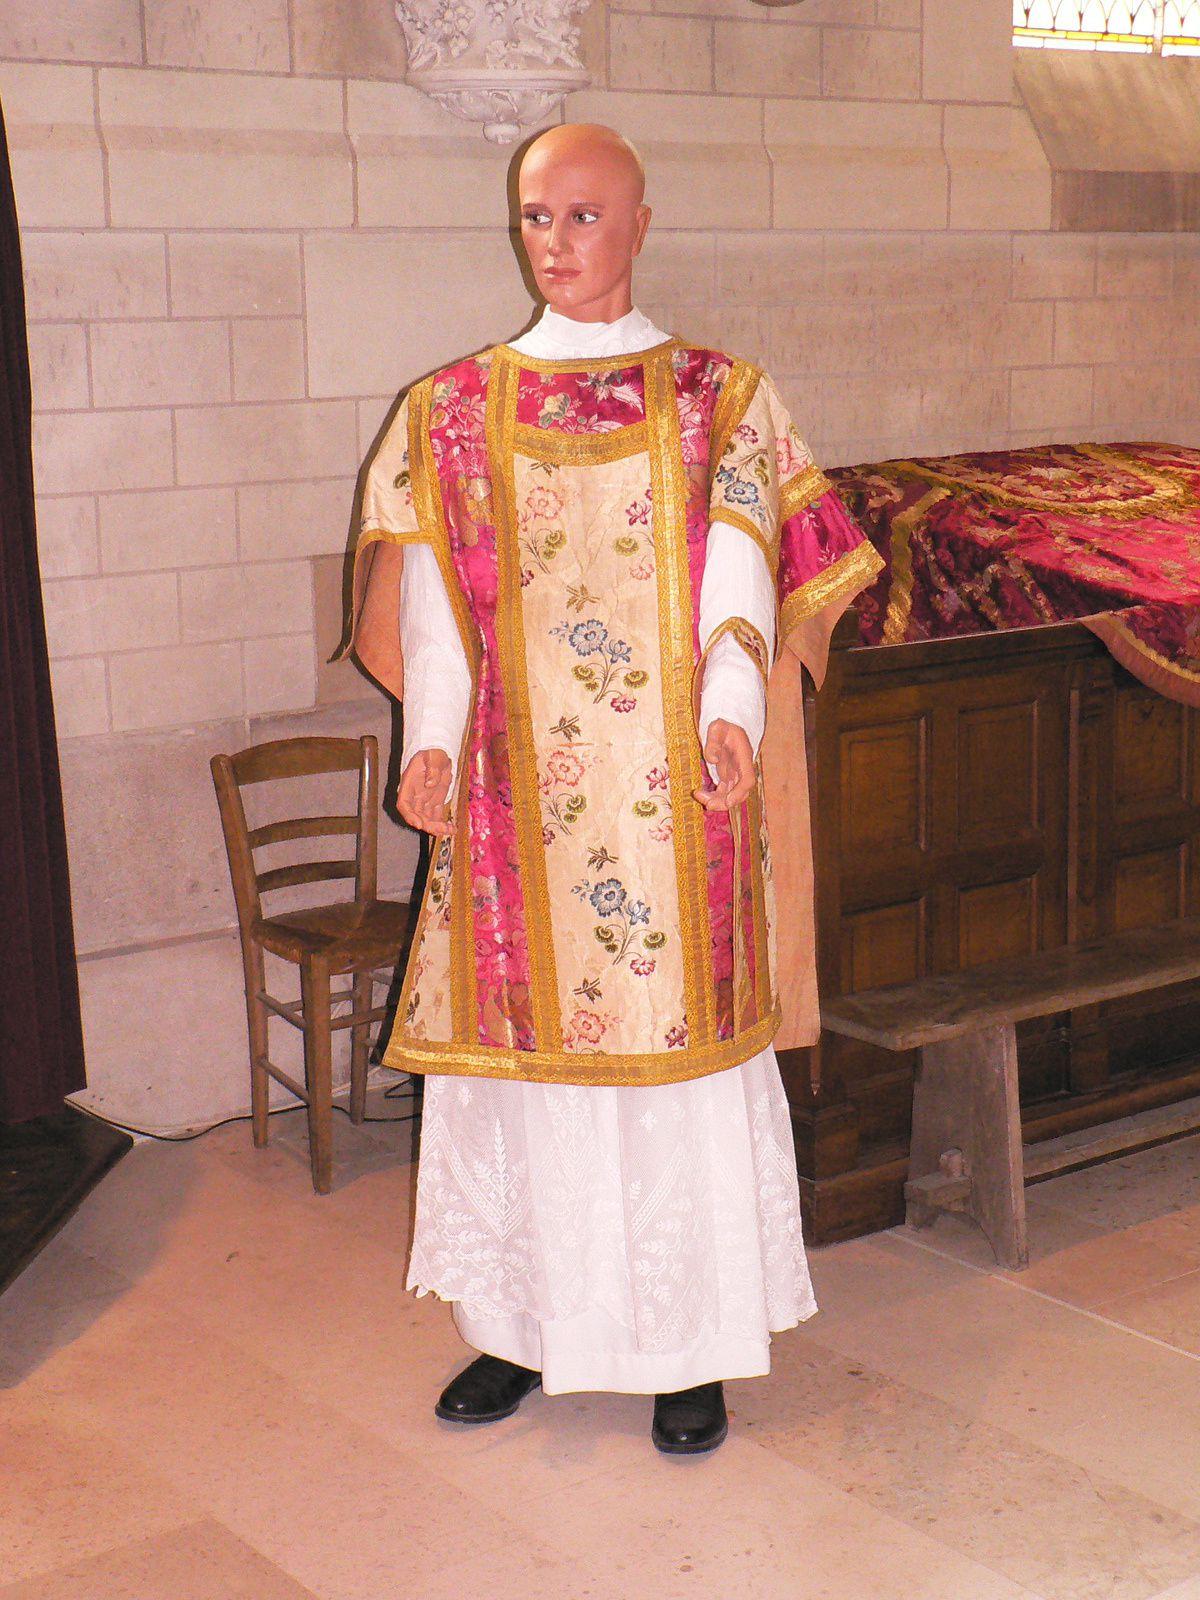 Les photos de l' exposition d'objets liturgiques à Chaumont le 14 juin 2014